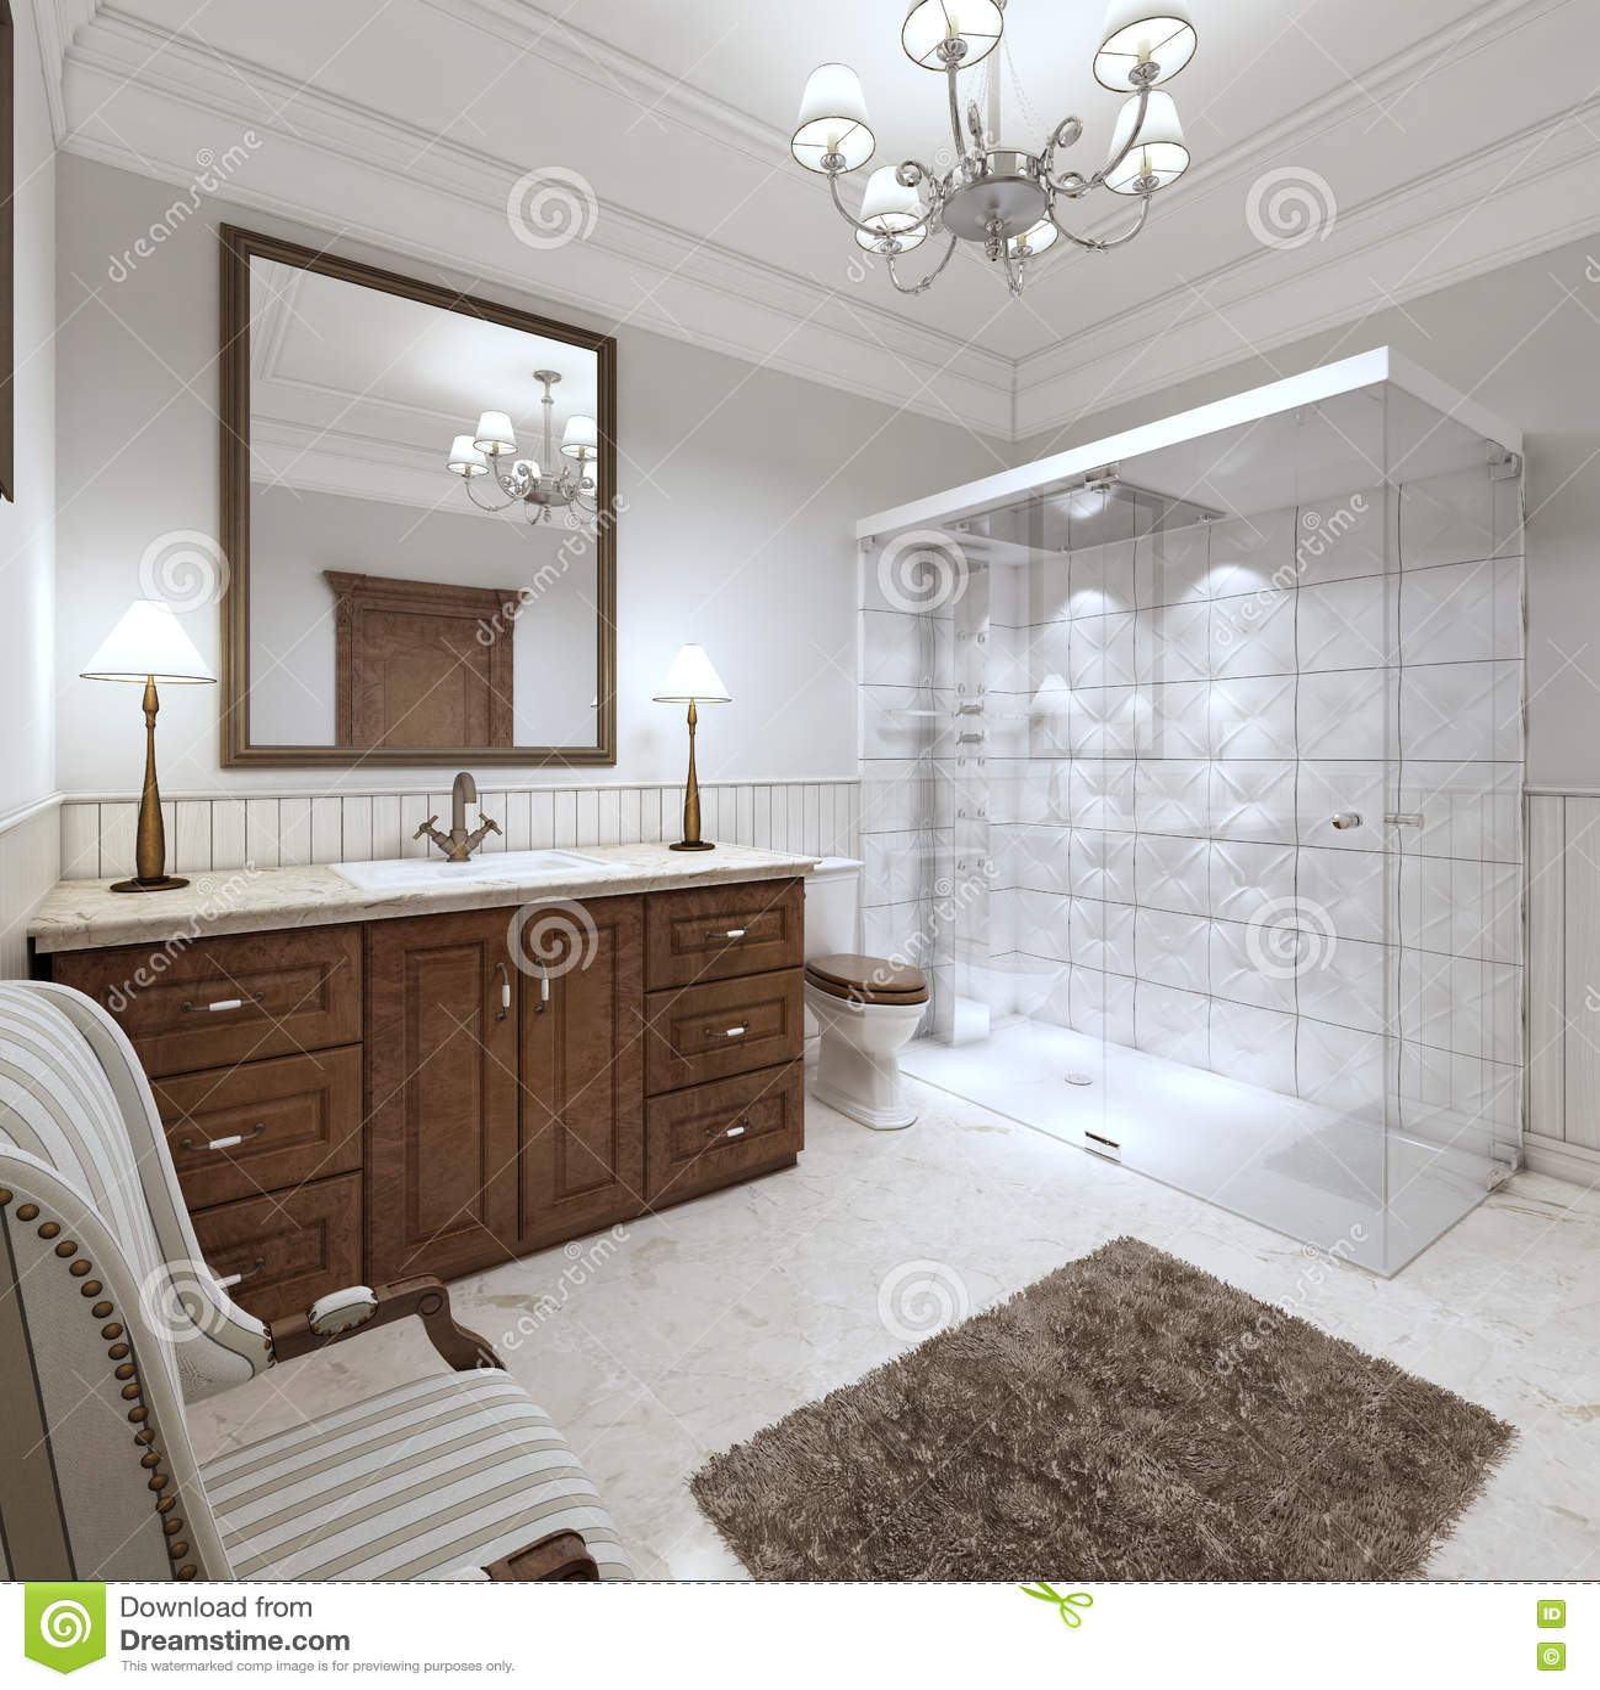 Bagno luminoso nello stile inglese con la grande doccia di vetro illustrazione di stock - Bagno stile inglese ...